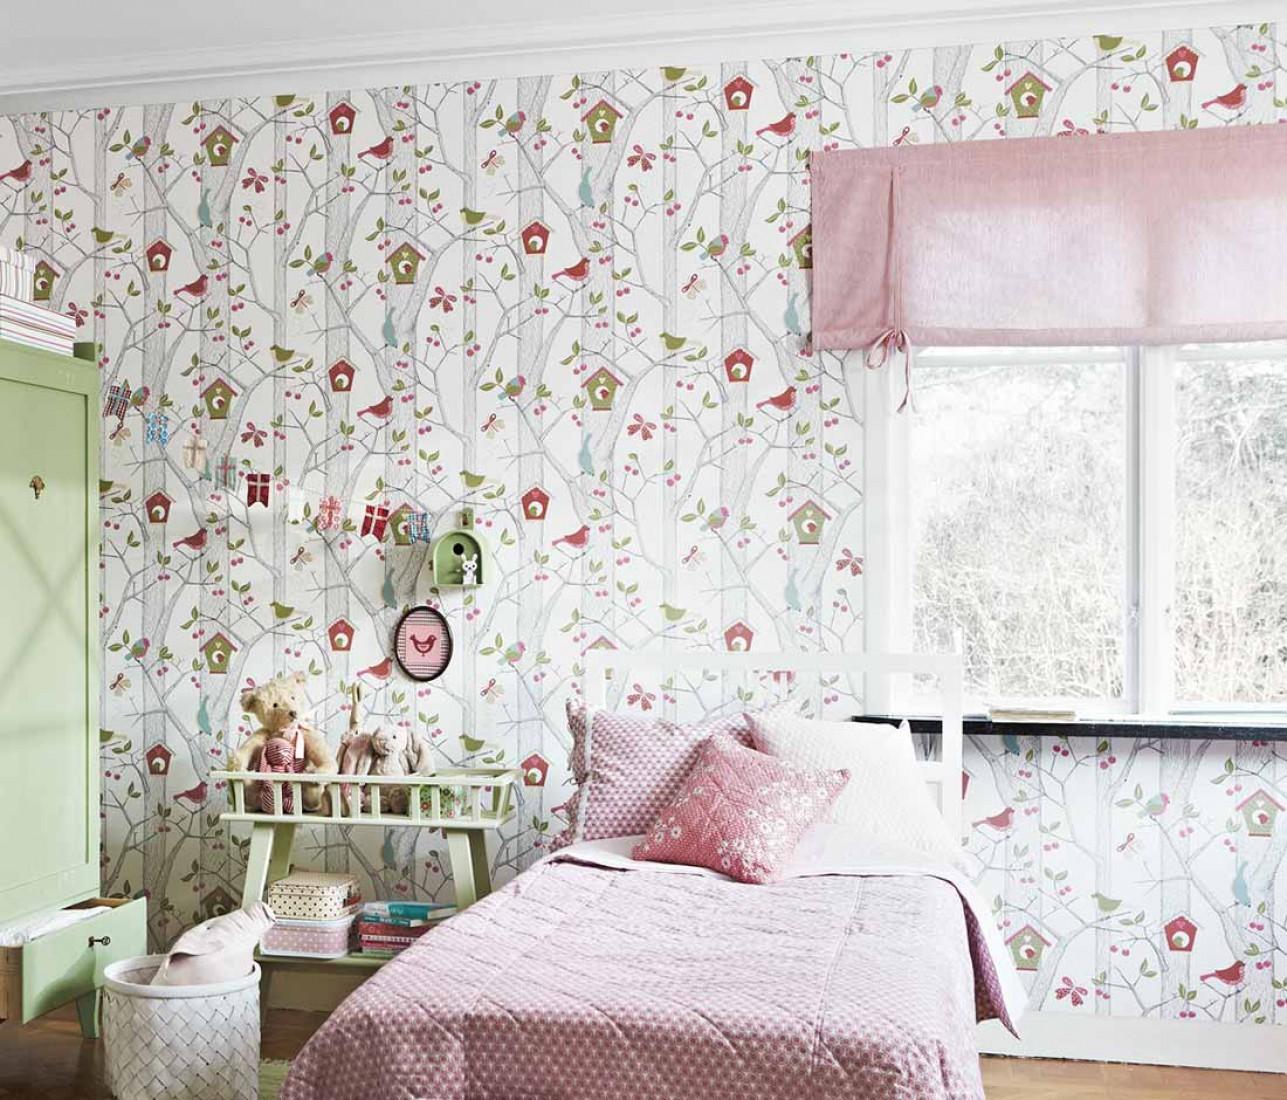 کاغذ دیواری گلدار, کاغذ دیواری گل ریز, کاغذ دیواری گل درشت, کاغذ دیواری گل دار, کاغذ دیواری اتاق خواب | %da%a9%d8%a7%d8%ba%d8%b0-%d8%af%db%8c%d9%88%d8%a7%d8%b1%db%8c, %d8%b7%d8%b1%d8%ad-%d9%88-%d9%85%d8%af%d9%84-%da%a9%d8%a7%d8%ba%d8%b0-%d8%af%db%8c%d9%88%d8%a7%d8%b1%db%8c, %d8%af%da%a9%d9%88%d8%b1%d8%a7%d8%b3%db%8c%d9%88%d9%86-%da%a9%d8%a7%d8%ba%d8%b0-%d8%af%db%8c%d9%88%d8%a7%d8%b1%db%8c, %d8%a7%d9%86%d9%88%d8%a7%d8%b9-%da%a9%d8%a7%d8%ba%d8%b0-%d8%af%db%8c%d9%88%d8%a7%d8%b1%db%8c | کاغذ دیواری دکوروز